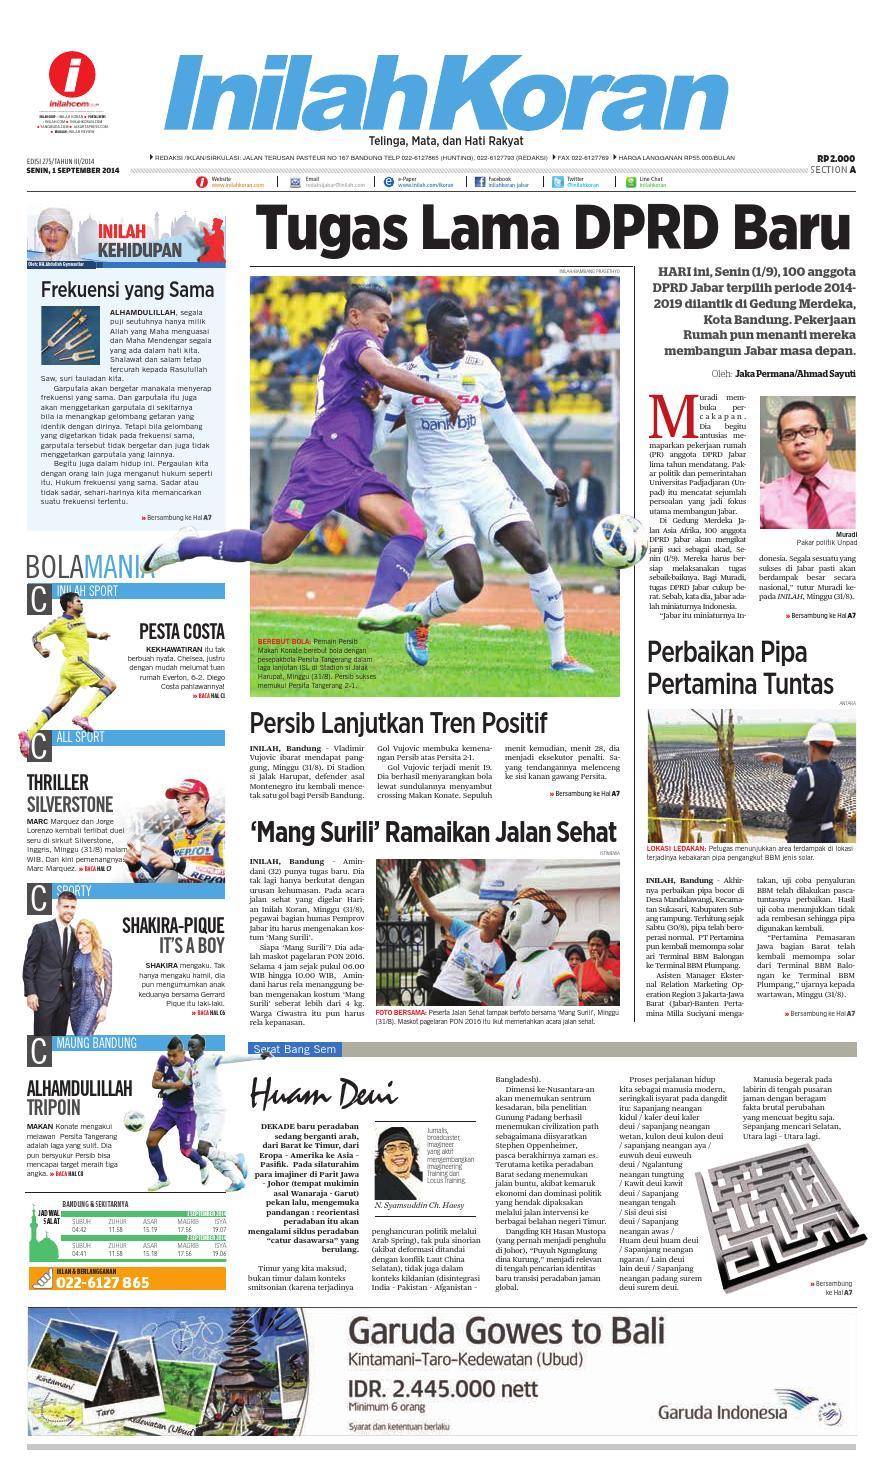 Tugas Lama DPRD Baru by inilah koran - issuu 8288da15ba